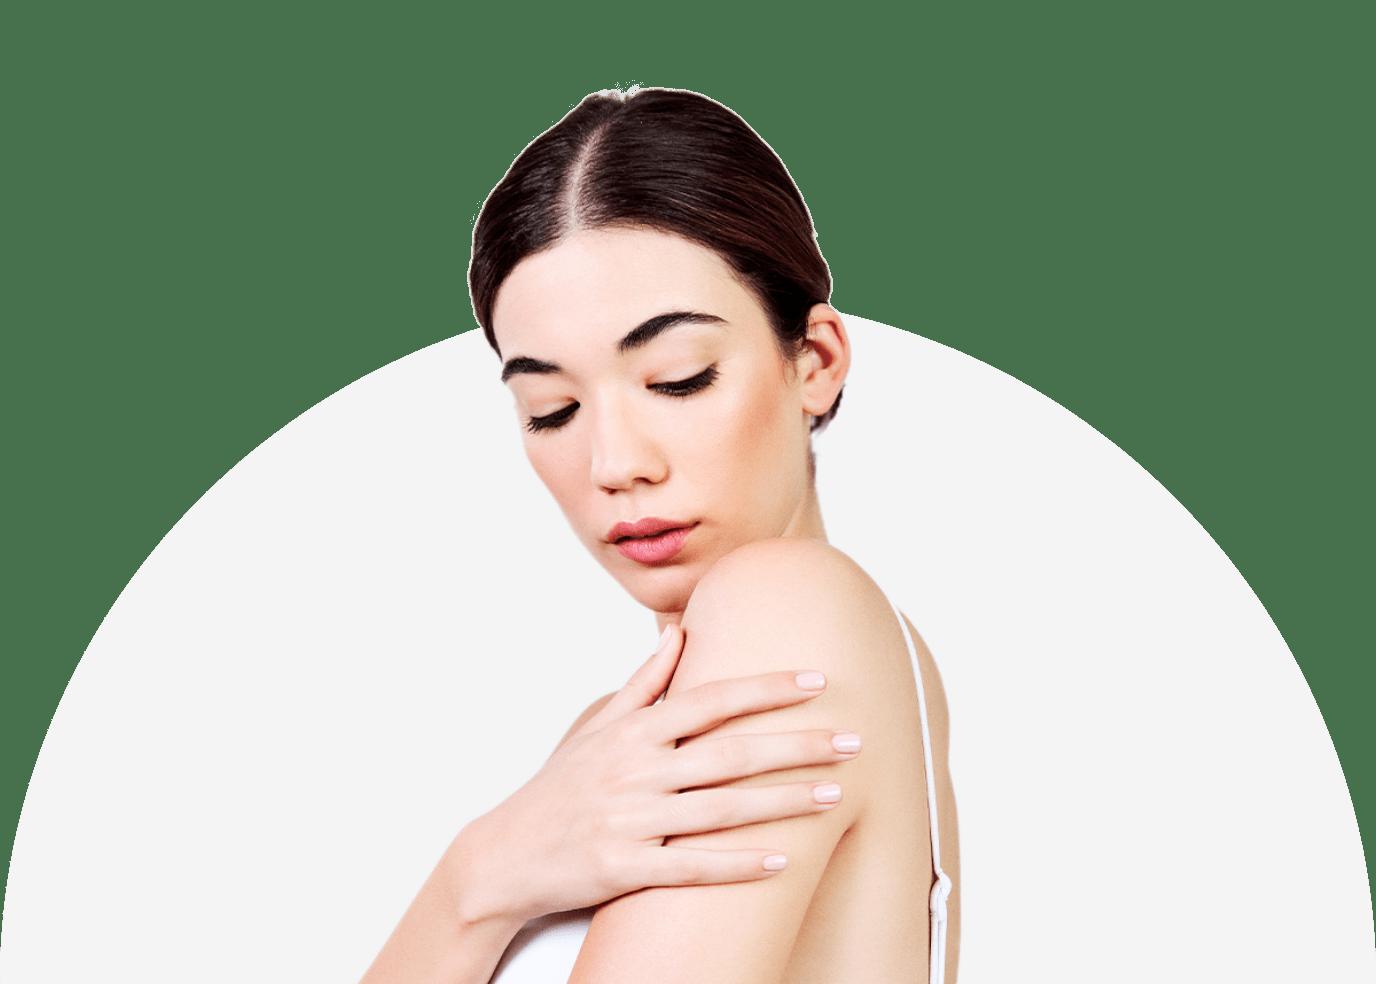 depilacion laser diodo mujer